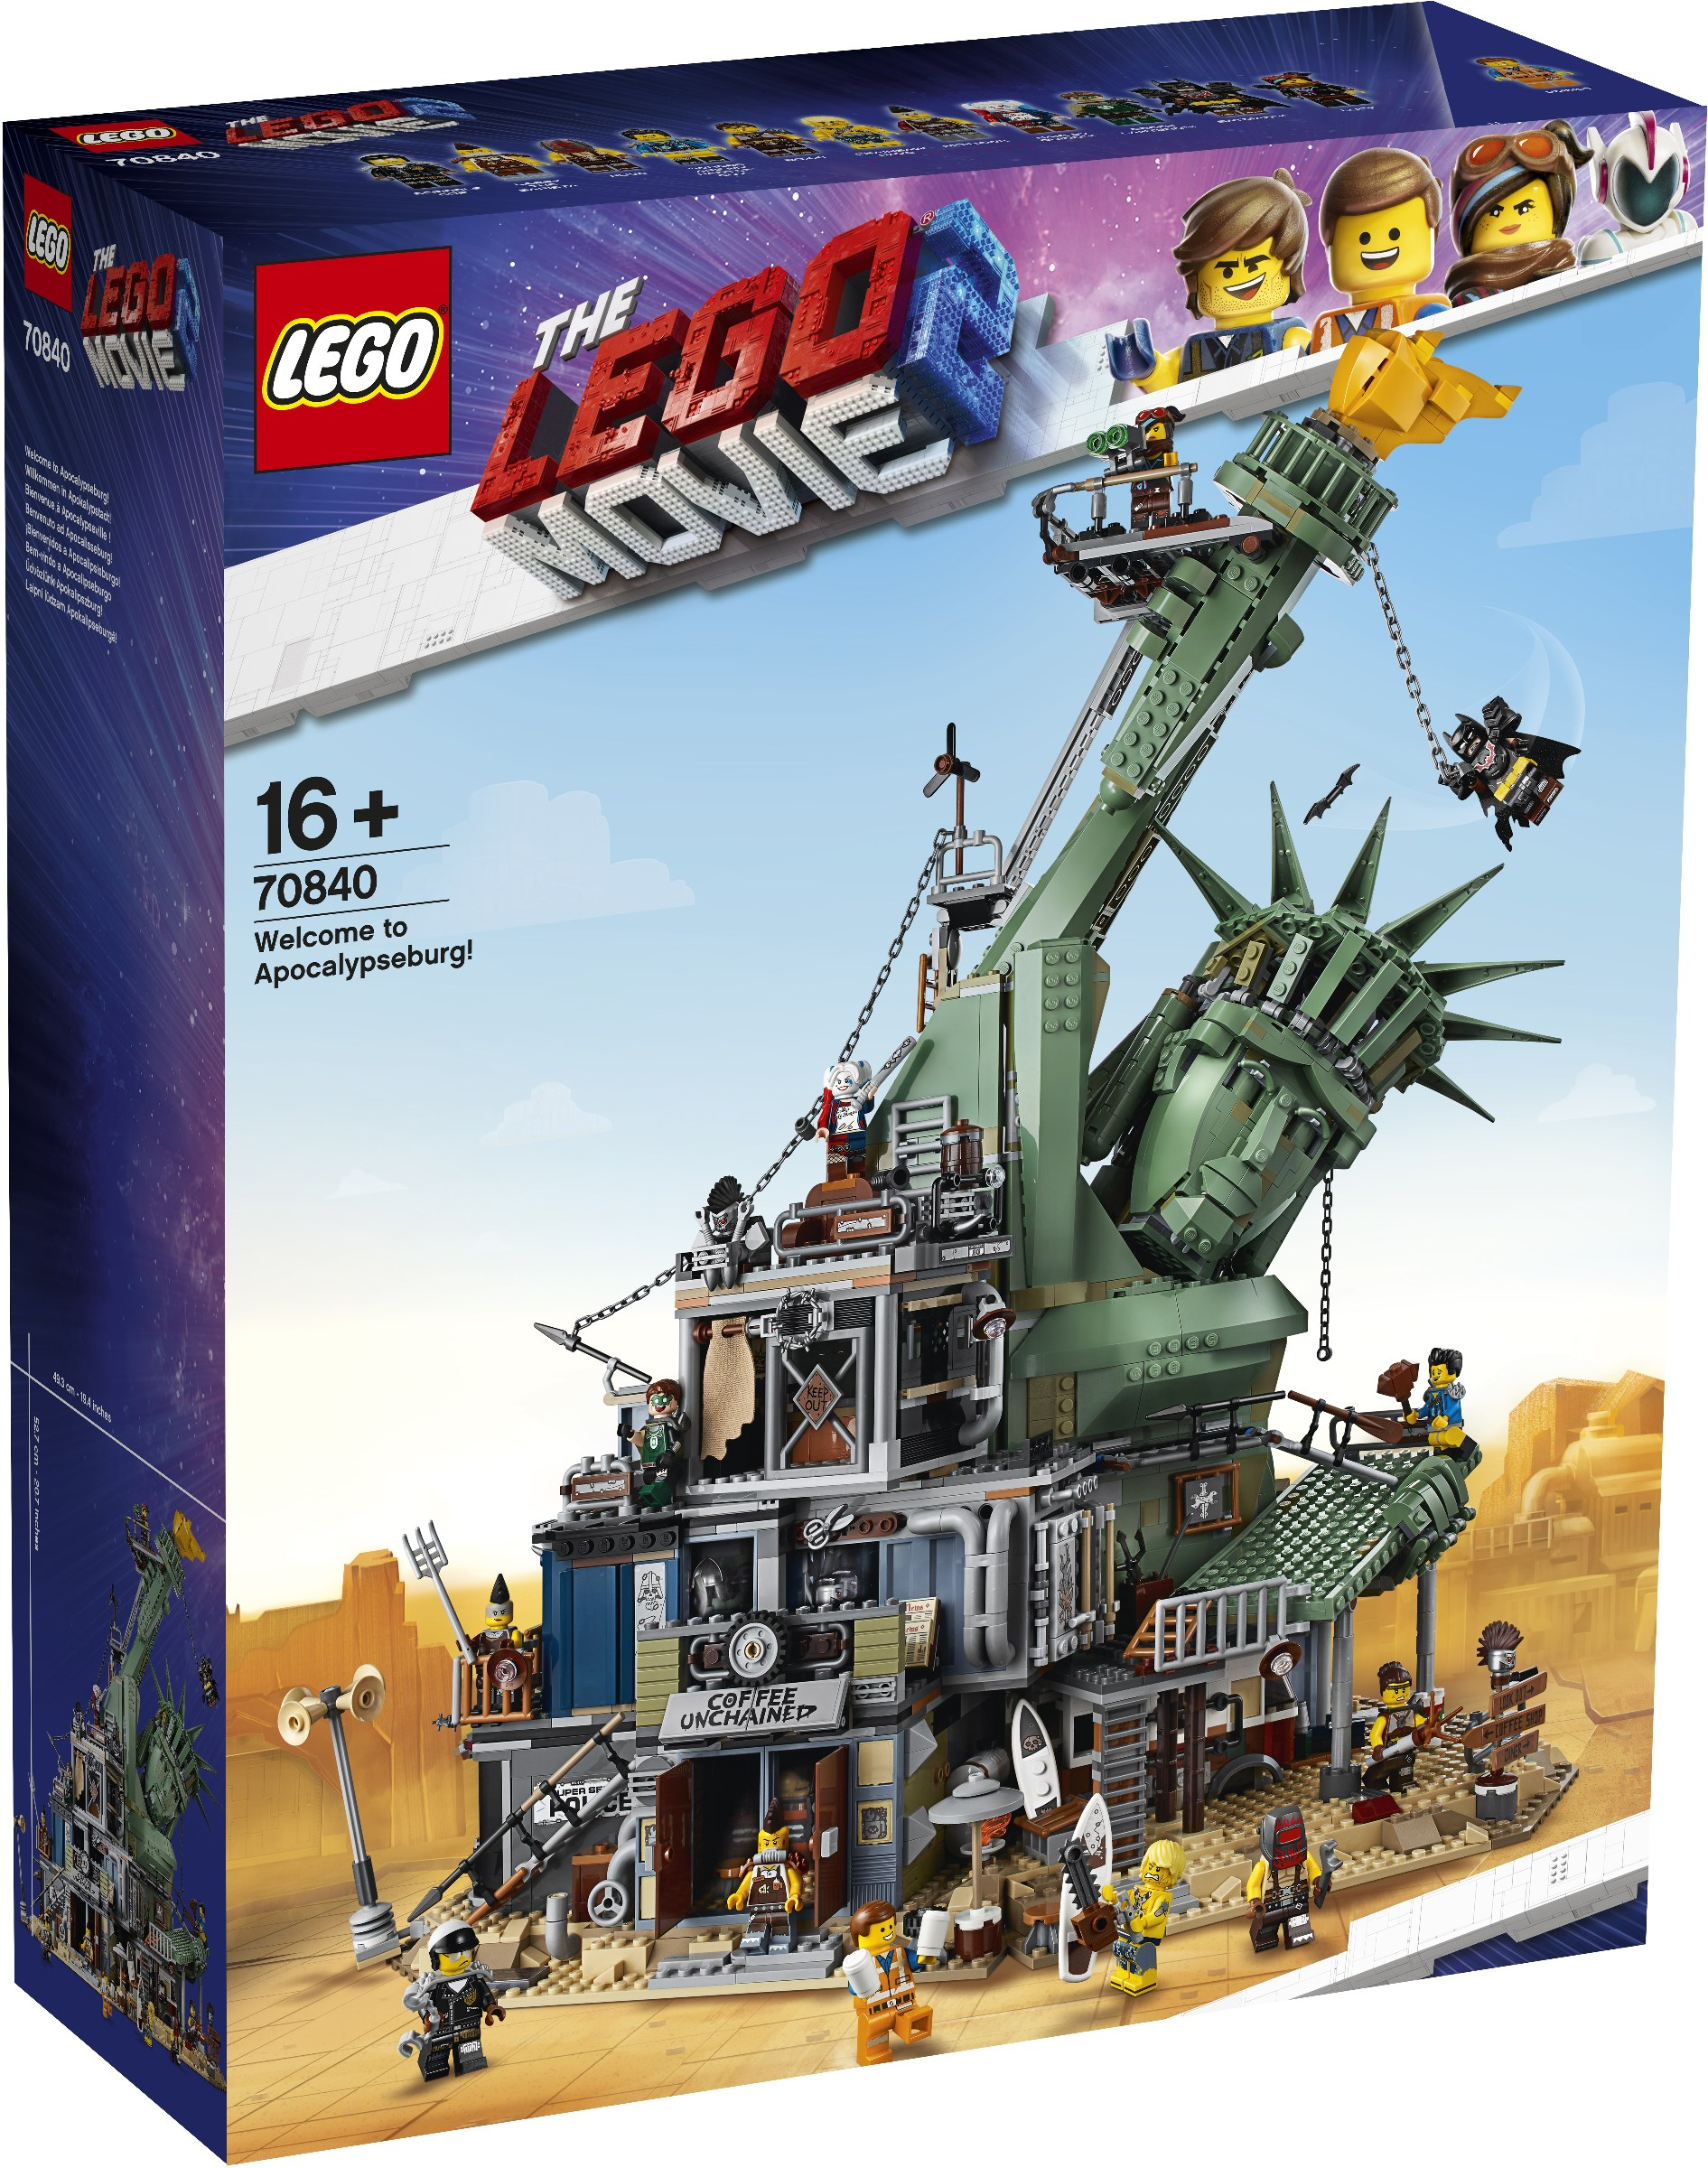 לגו מגה סטור סרט הלגו 2 70840 !LEGO Welcome to Apocalypseburg